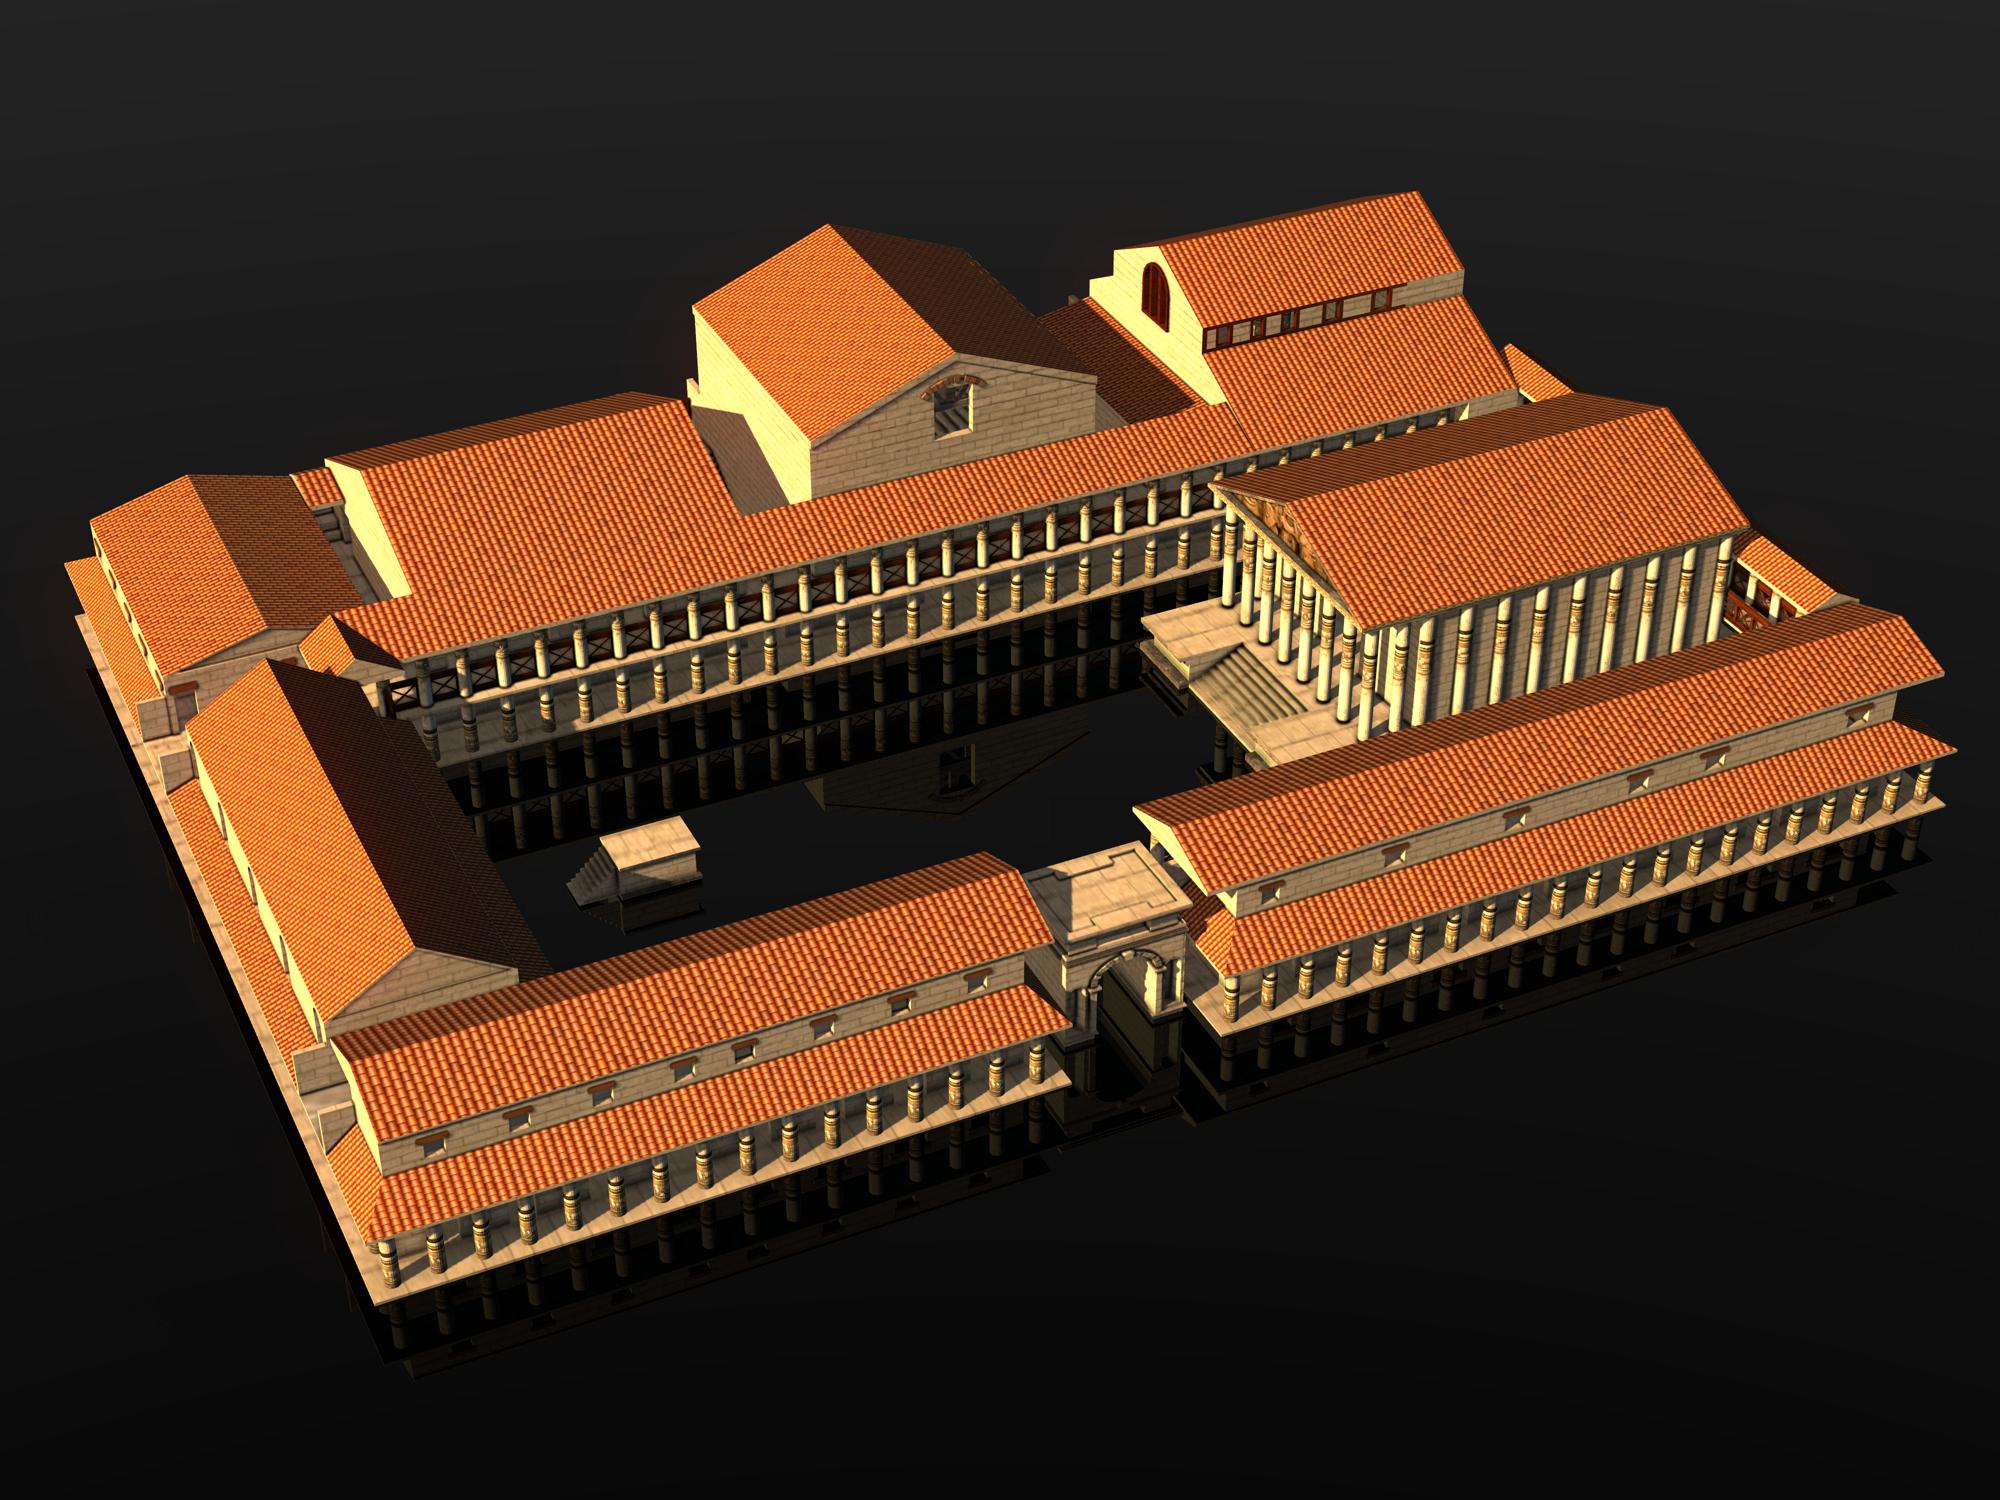 forum romanum 3d model - Hledat Googlem | Forum Romanum ...